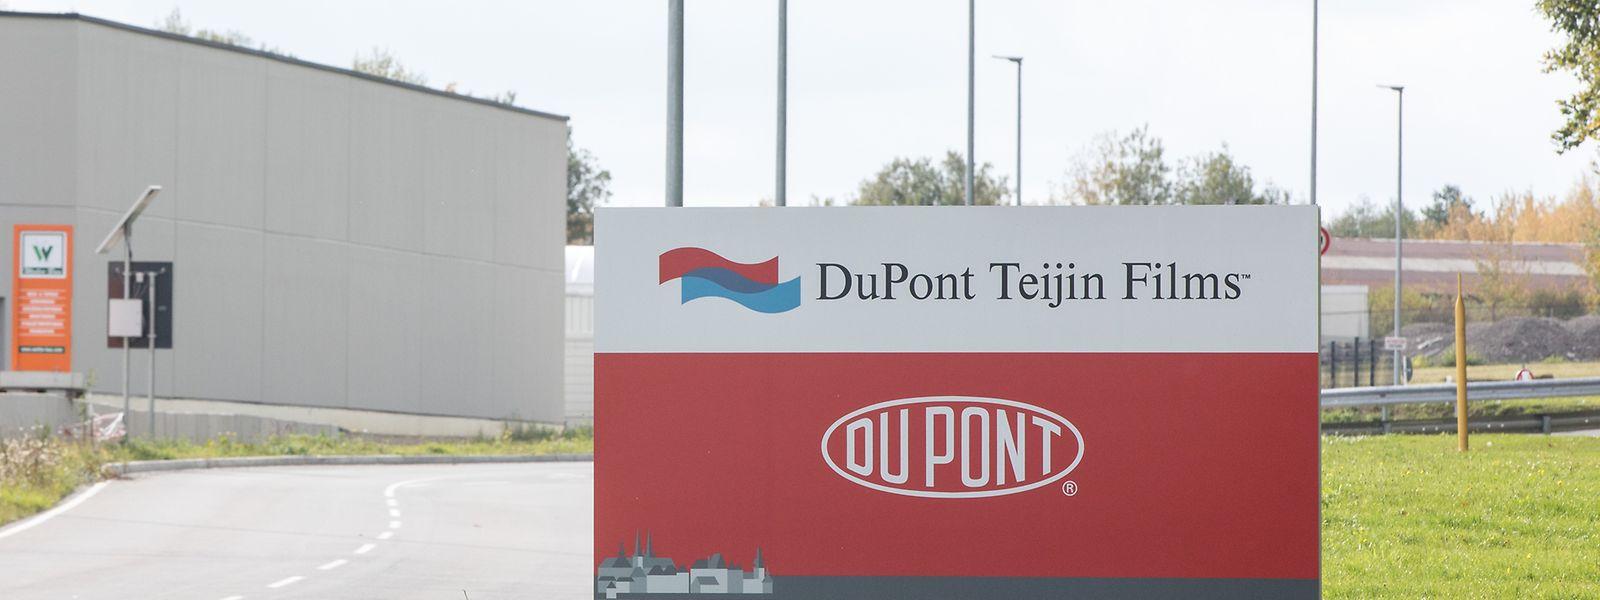 Der Industriebetrieb Dupont ist auch seit mehr als 50 Jahren fest in der Luxemburger Wirtschaft verankert.